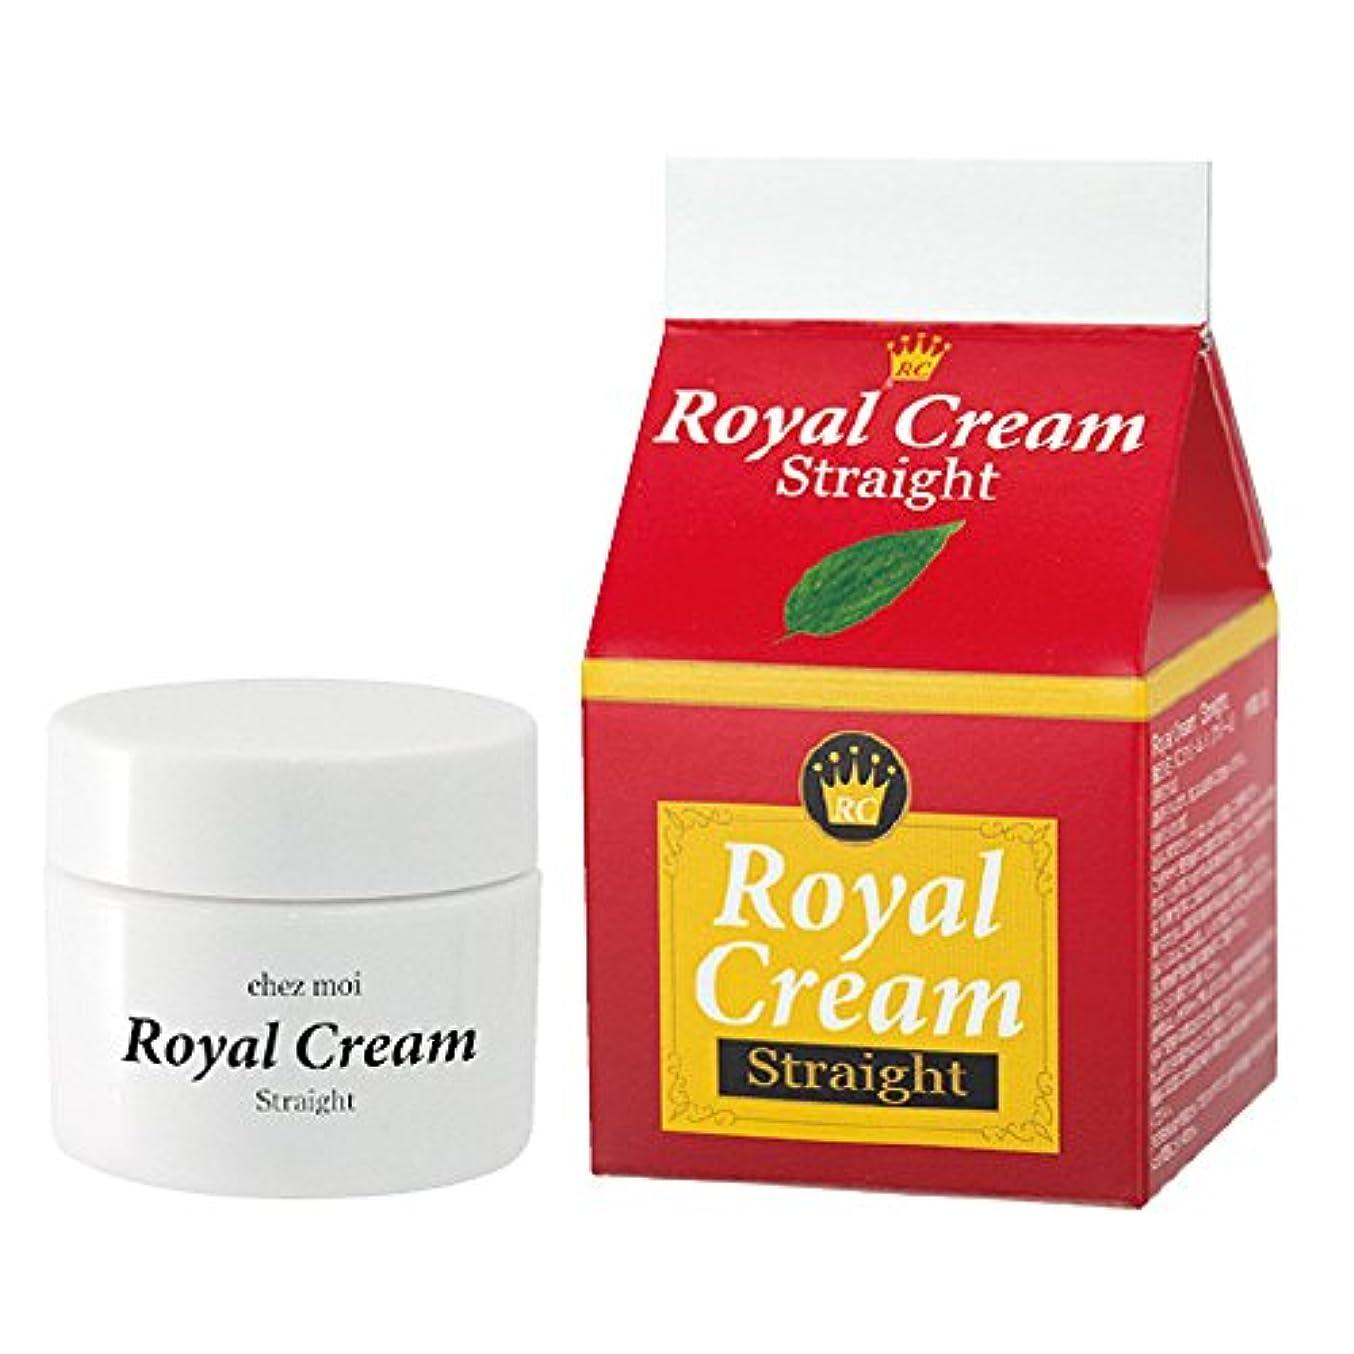 洗うスマイル大騒ぎシェモア Royal Cream Straight(ロイヤルクリームストレート) 30g